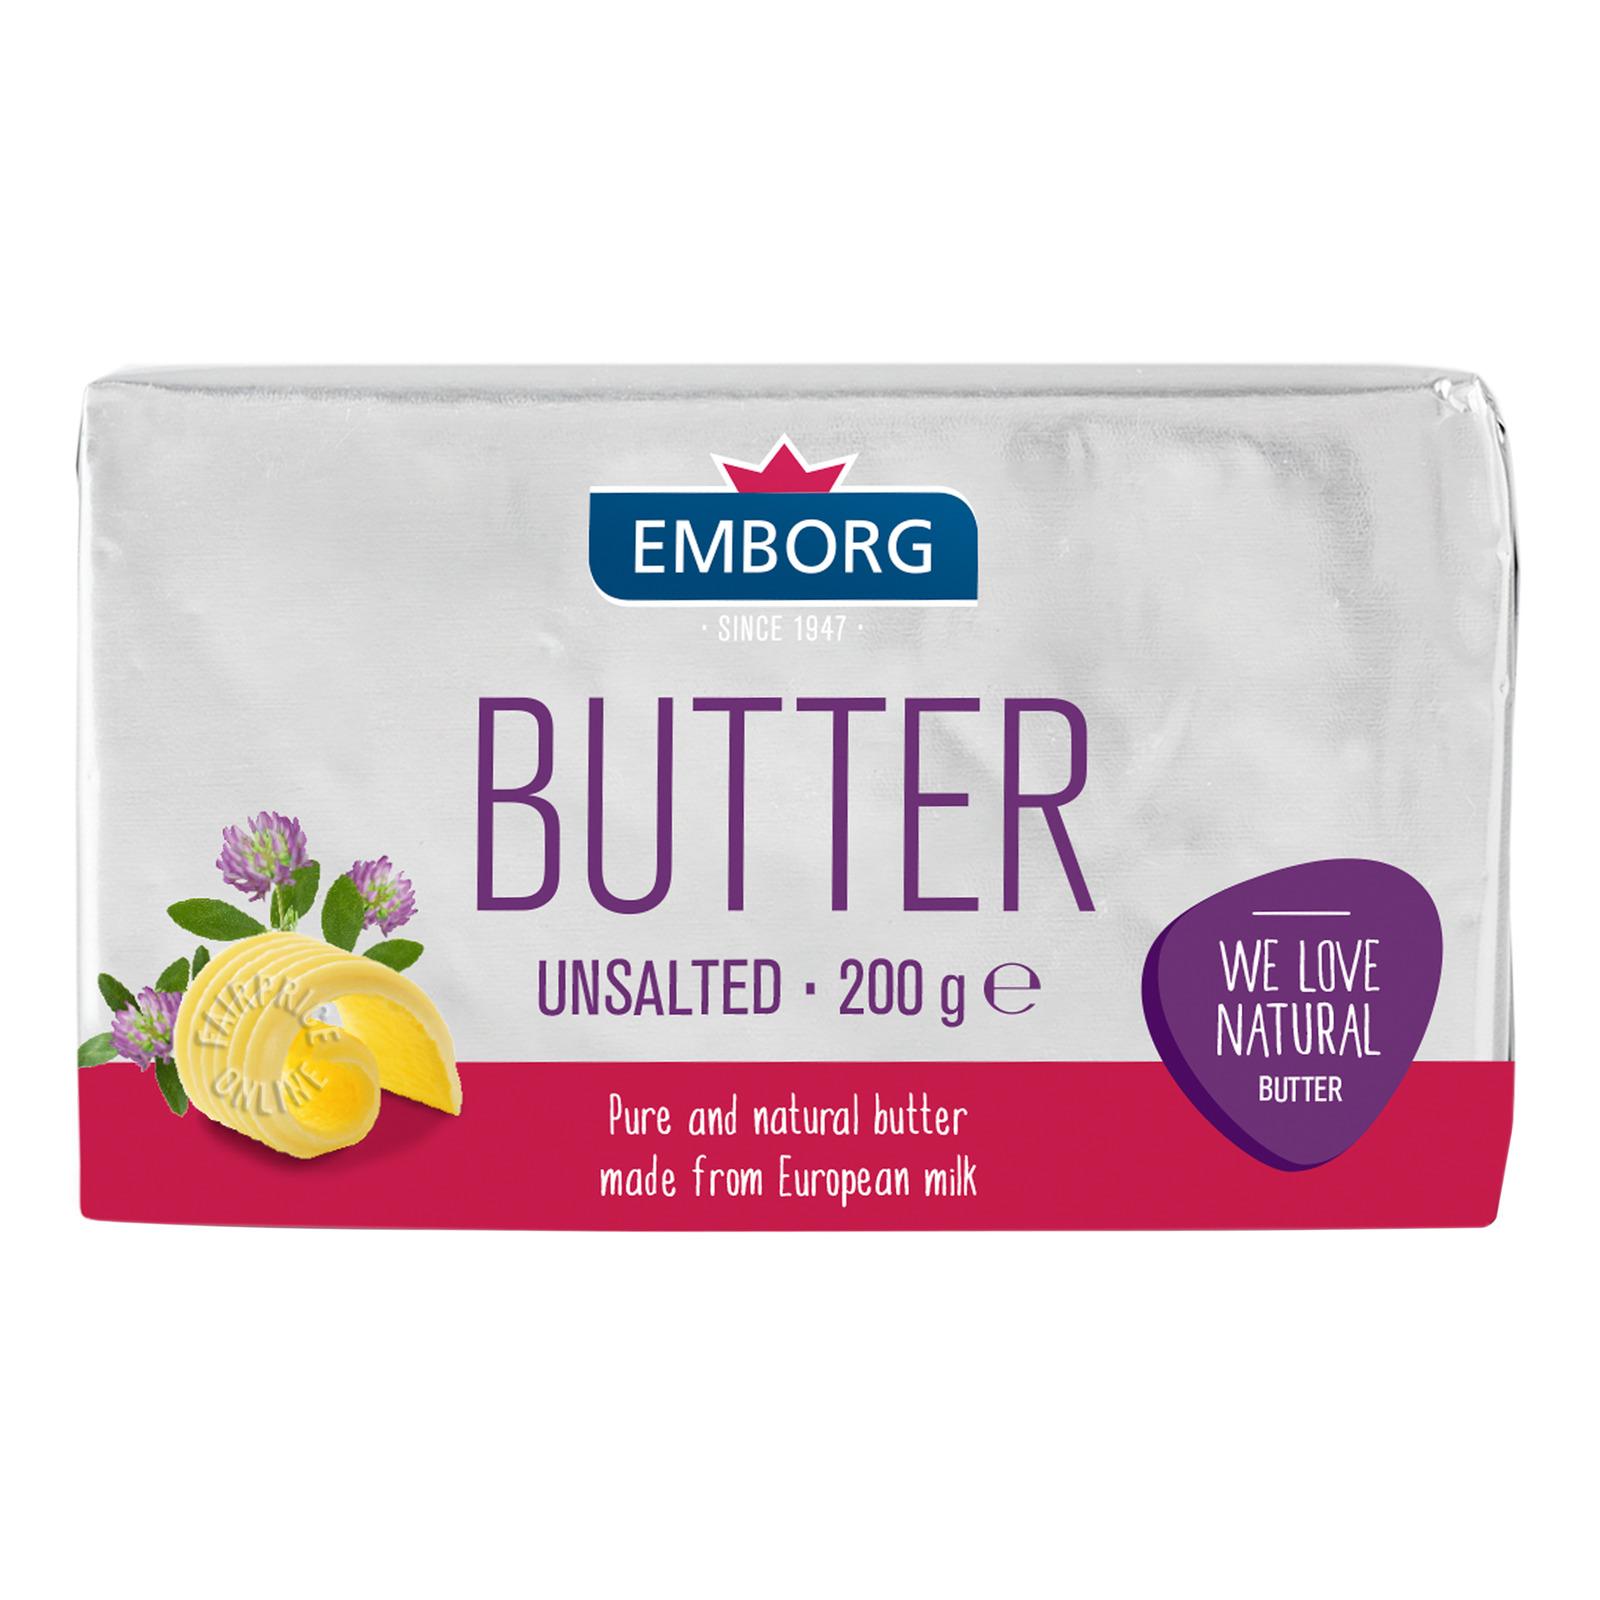 Emborg Block Butter - Unsalted